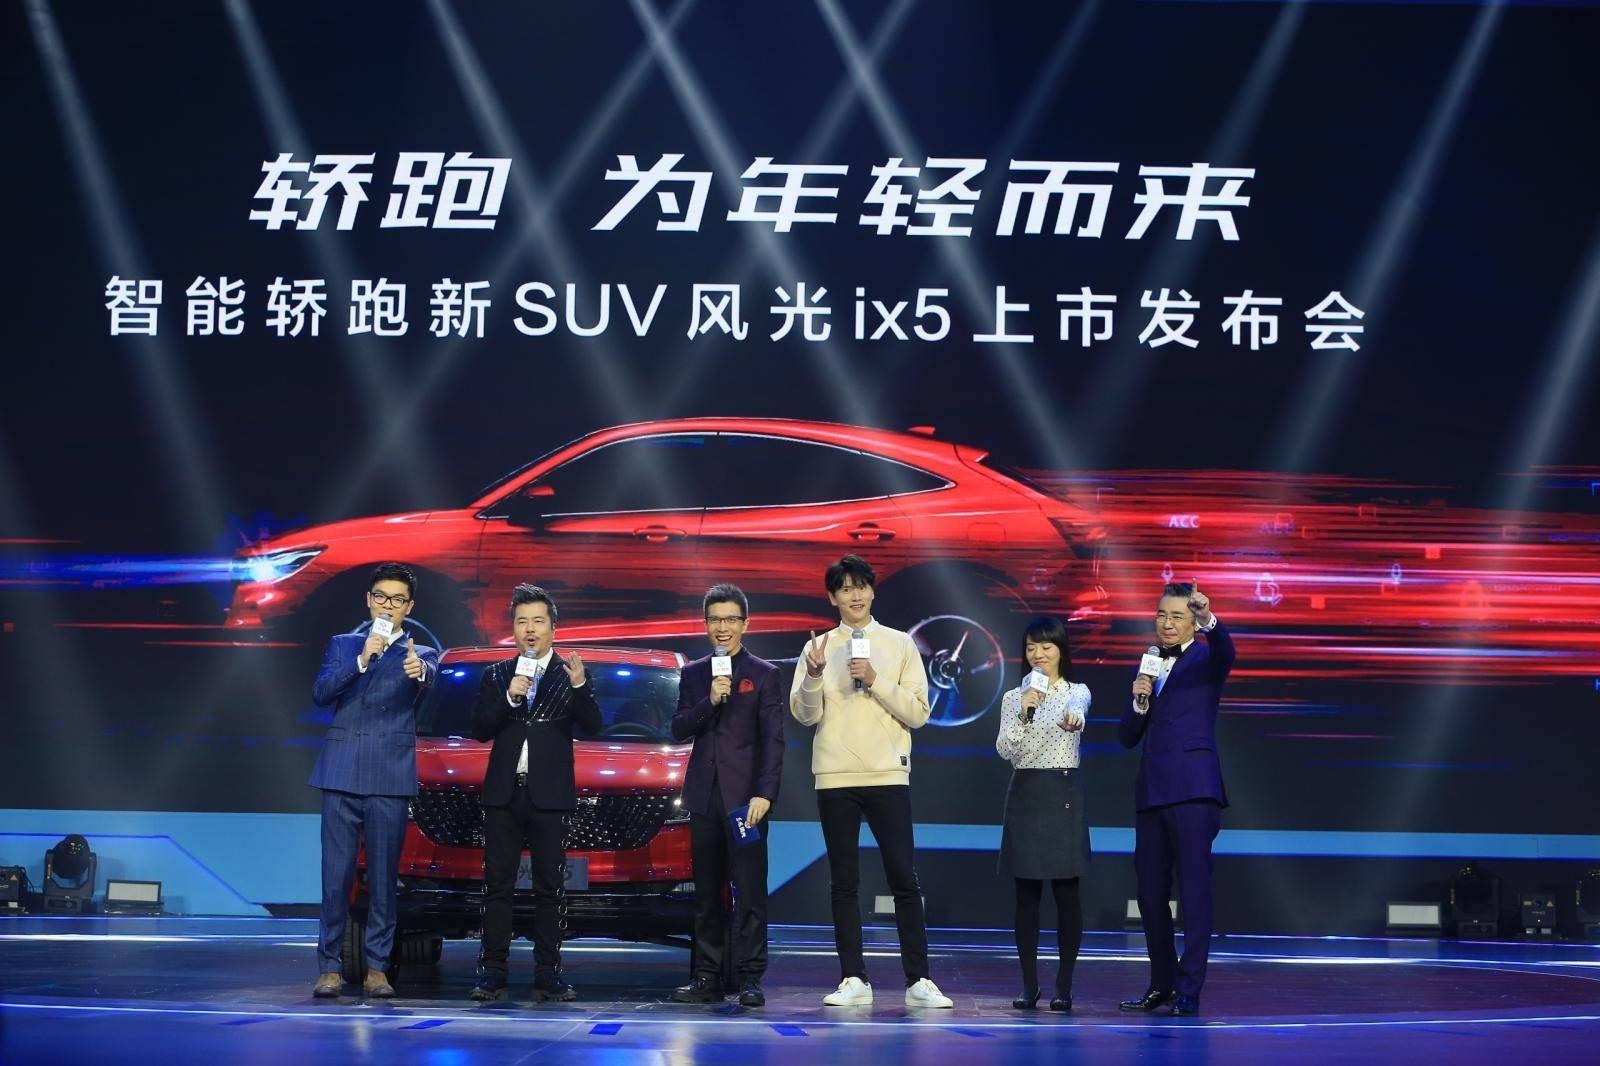 自主轿跑SUV再添新丁东风风光ix5起售998万元_东京1.5分彩漏洞方